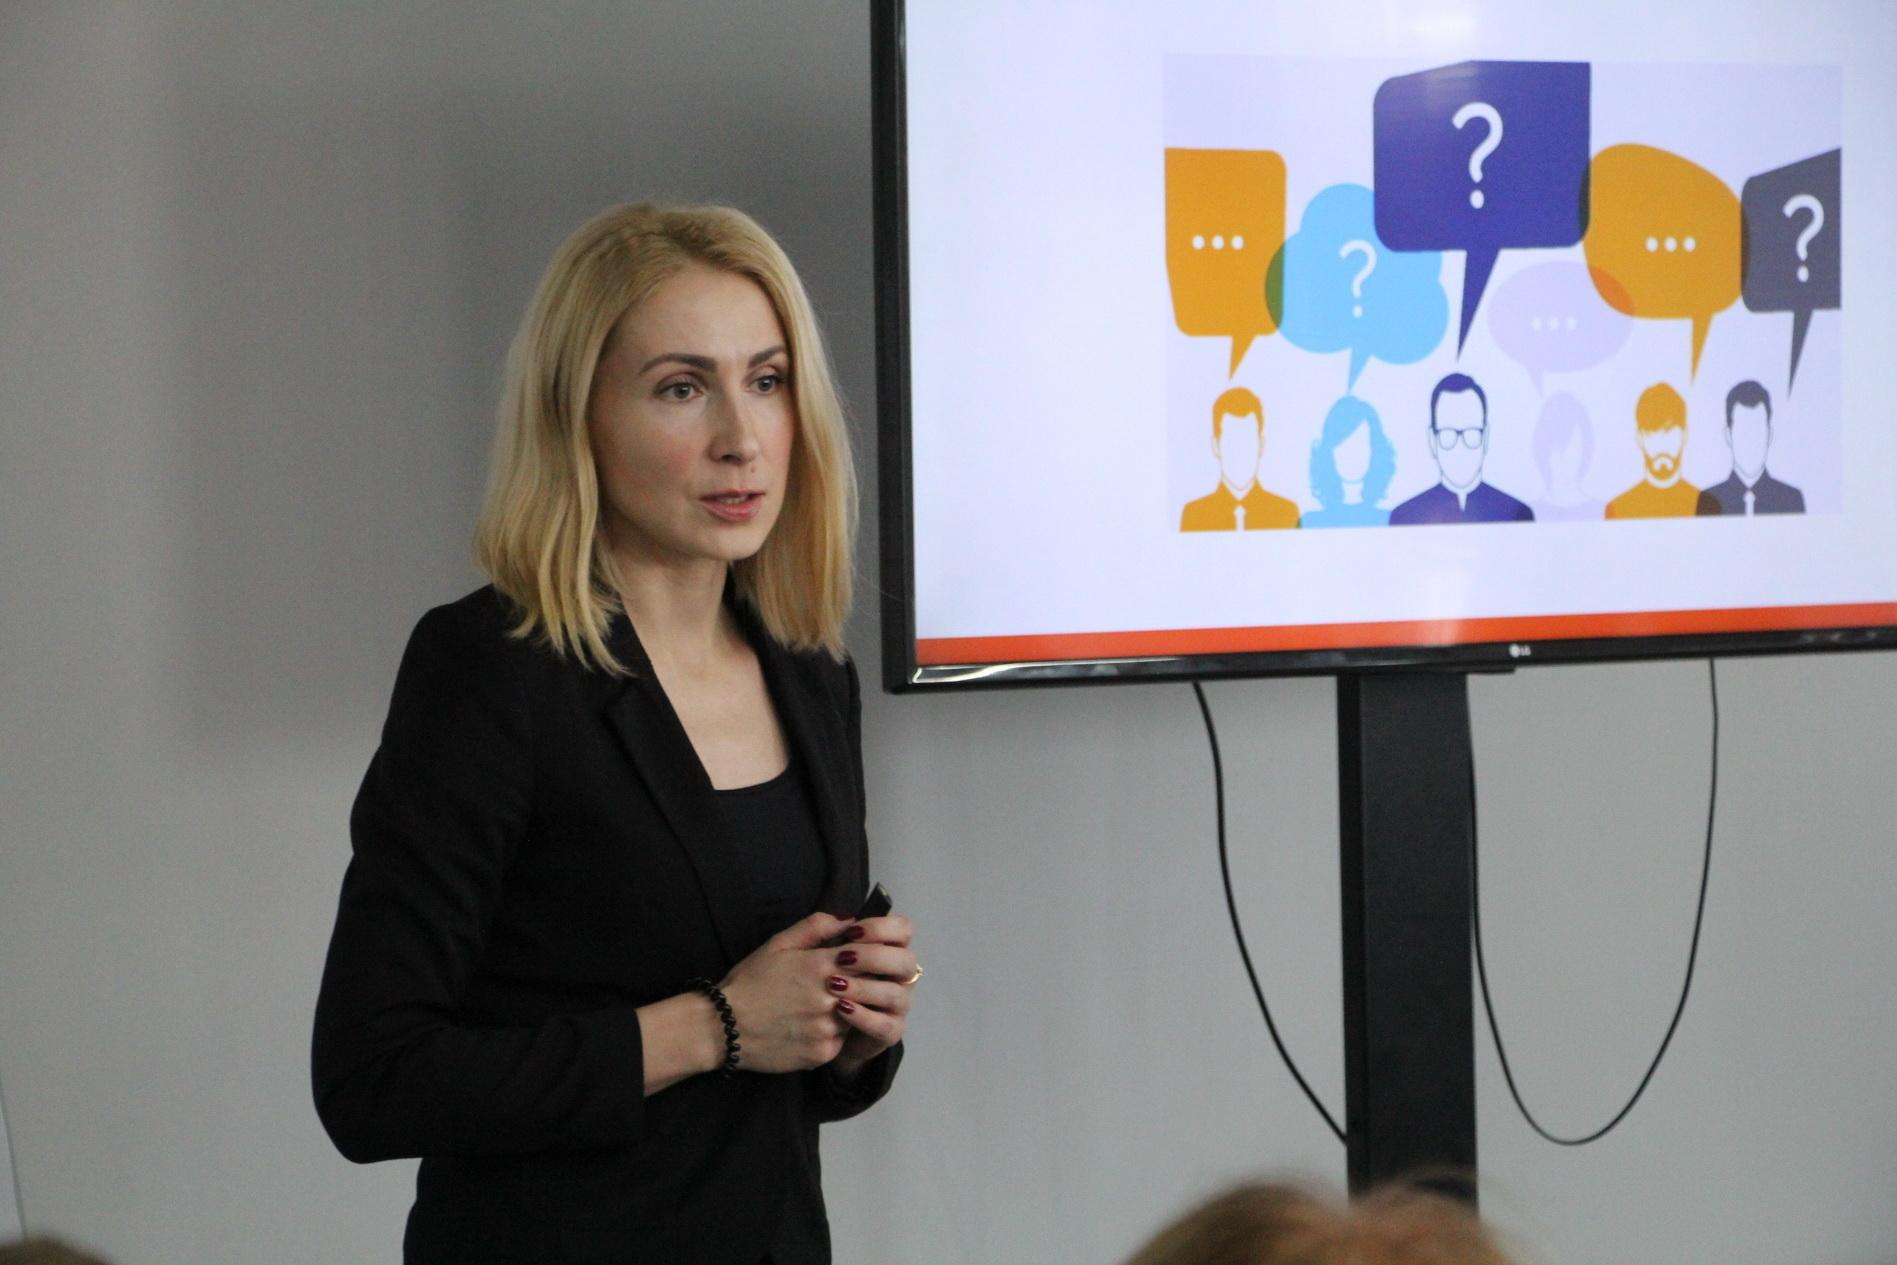 Надежда Шашкова,коммерческий директор агентства стратегического маркетинга 99FRANKOV